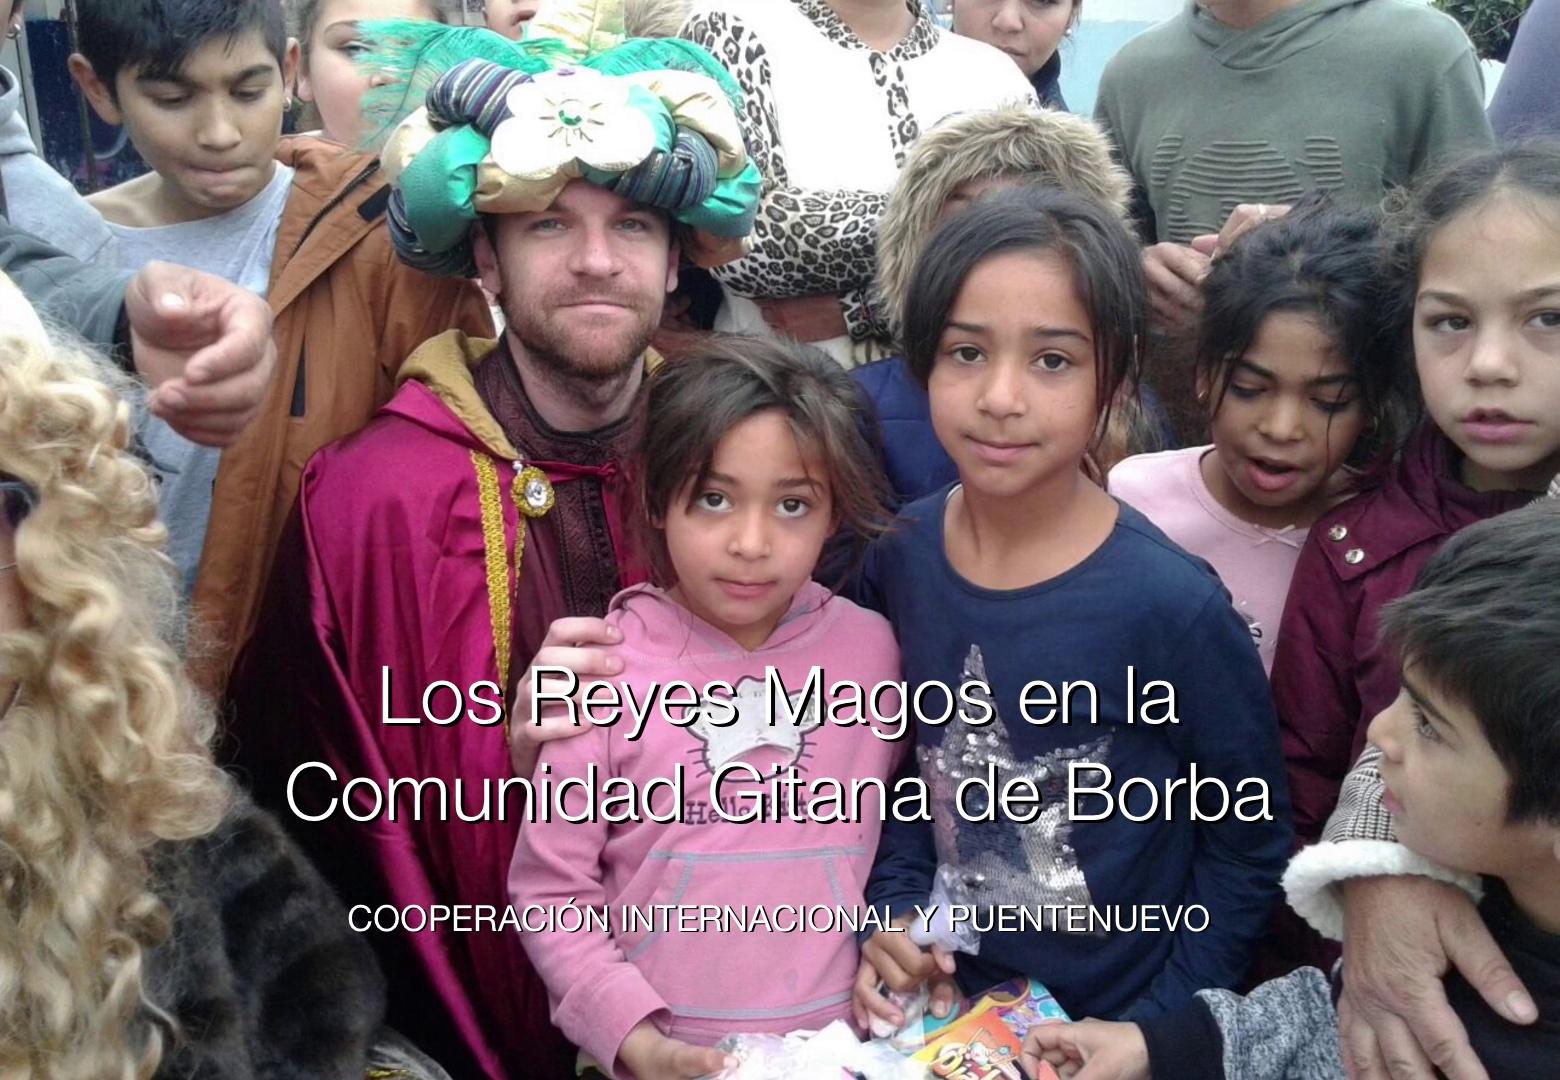 Con los Reyes Magos en la Comunidad Gitana de Borba